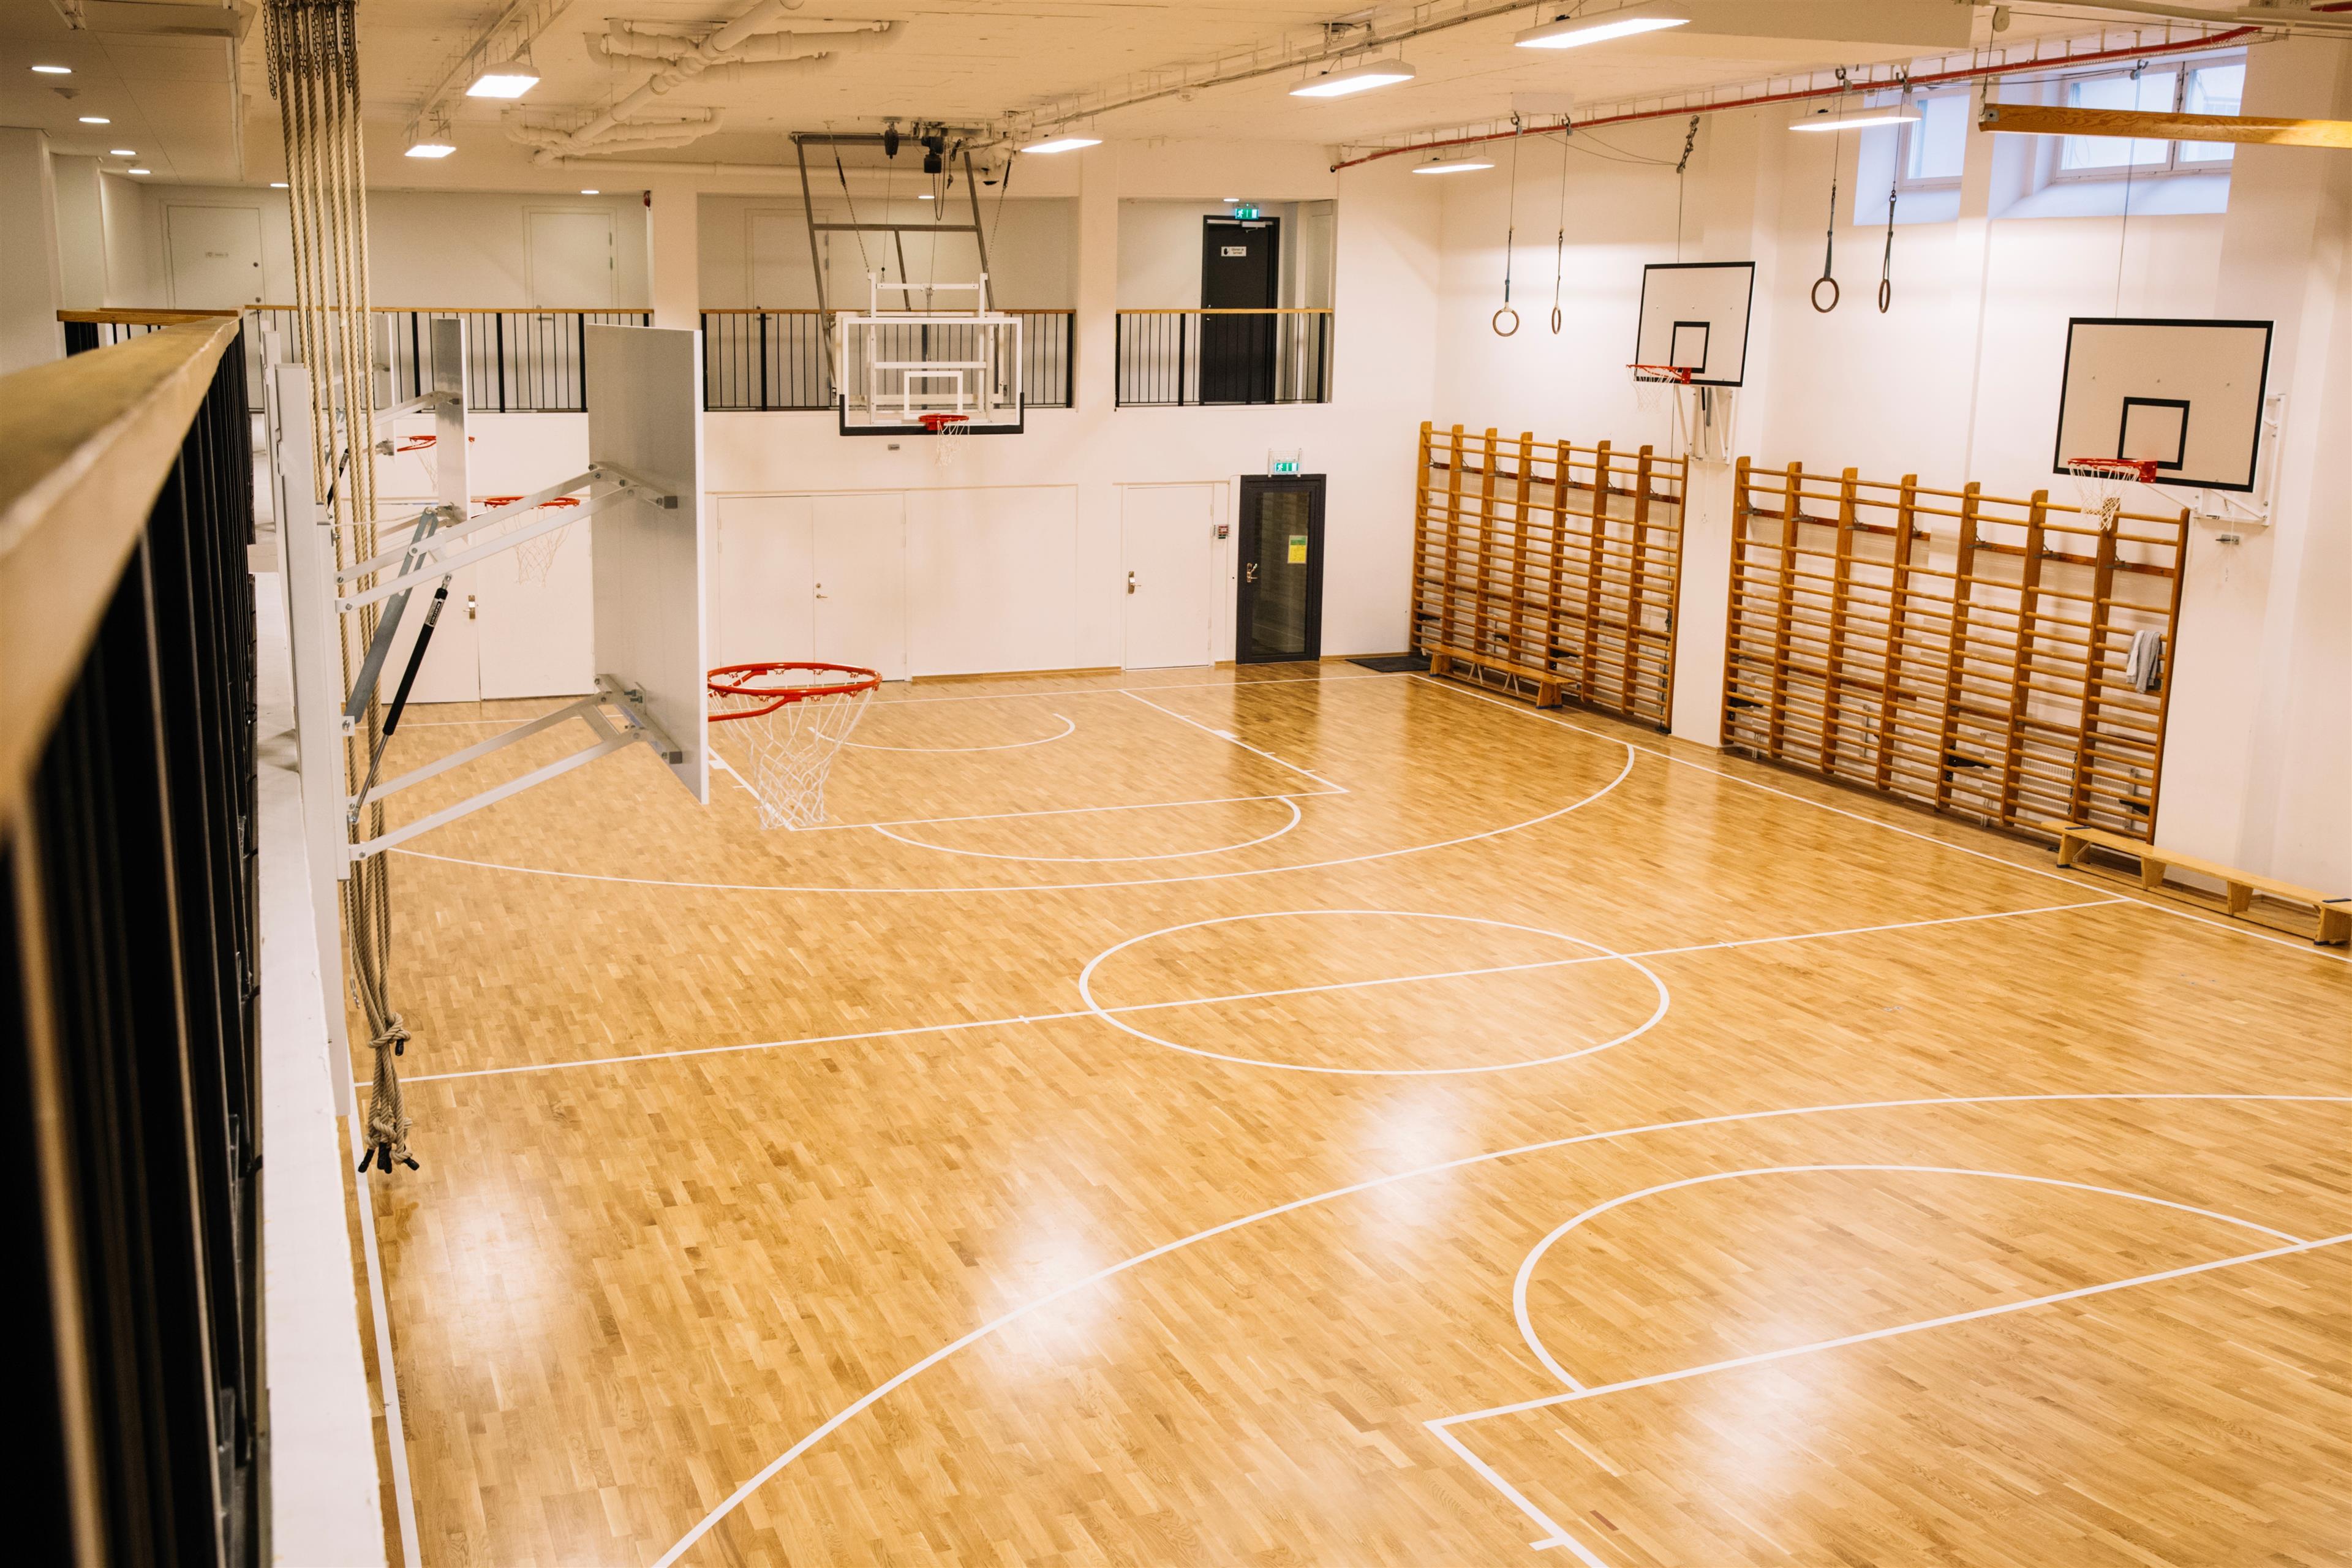 Basket Hall